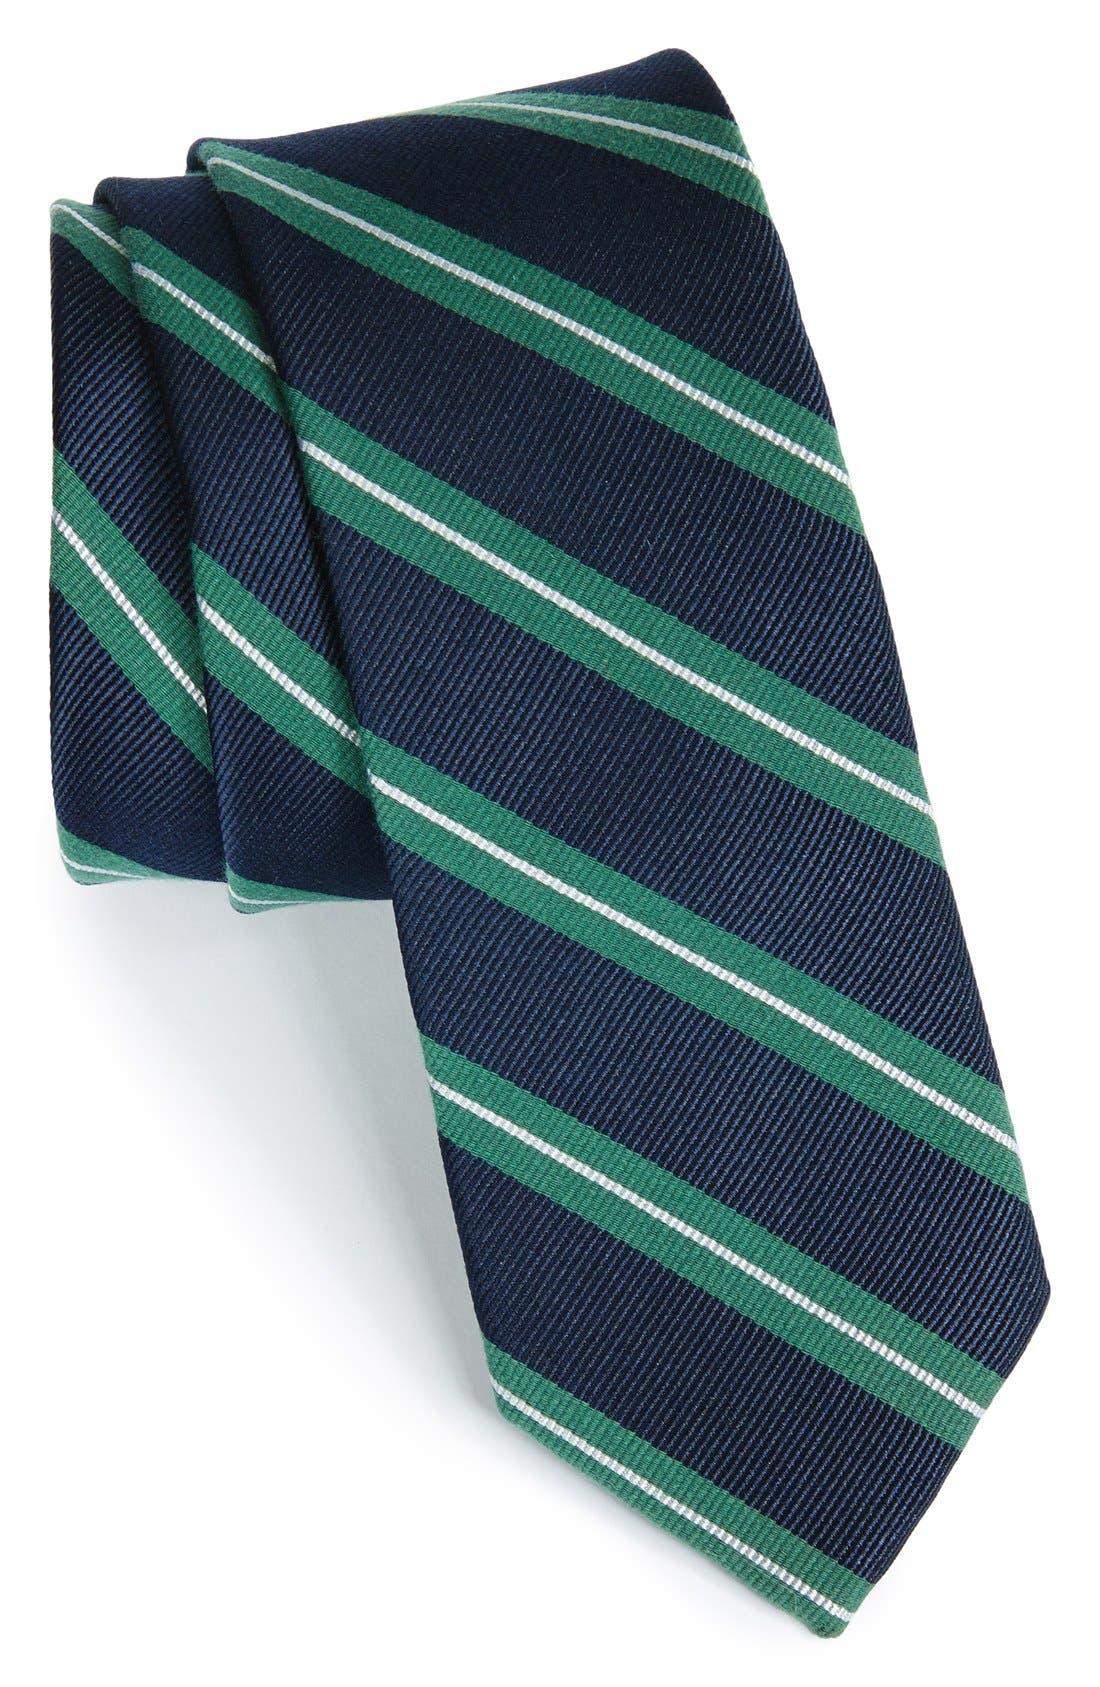 Main Image - 1901 'Morrison Stripe' Woven Silk & Cotton Tie